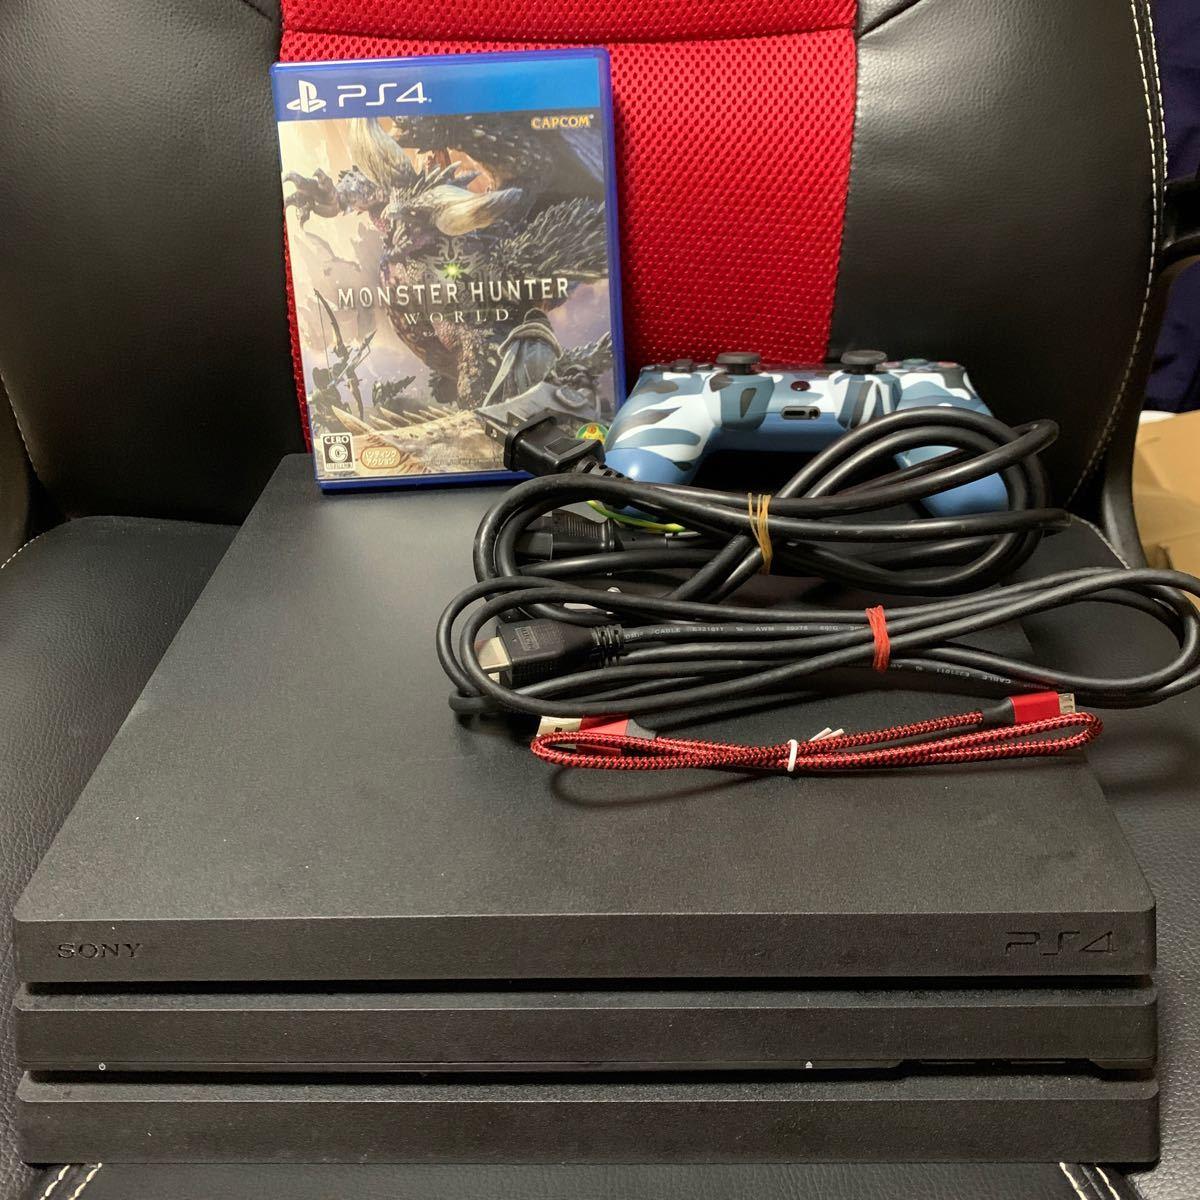 PS4 Pro 本体 1TB ジェットブラック 7000B ブラック PS4Pro 充電ケーブル新品! ケーブル類全て揃ってます!